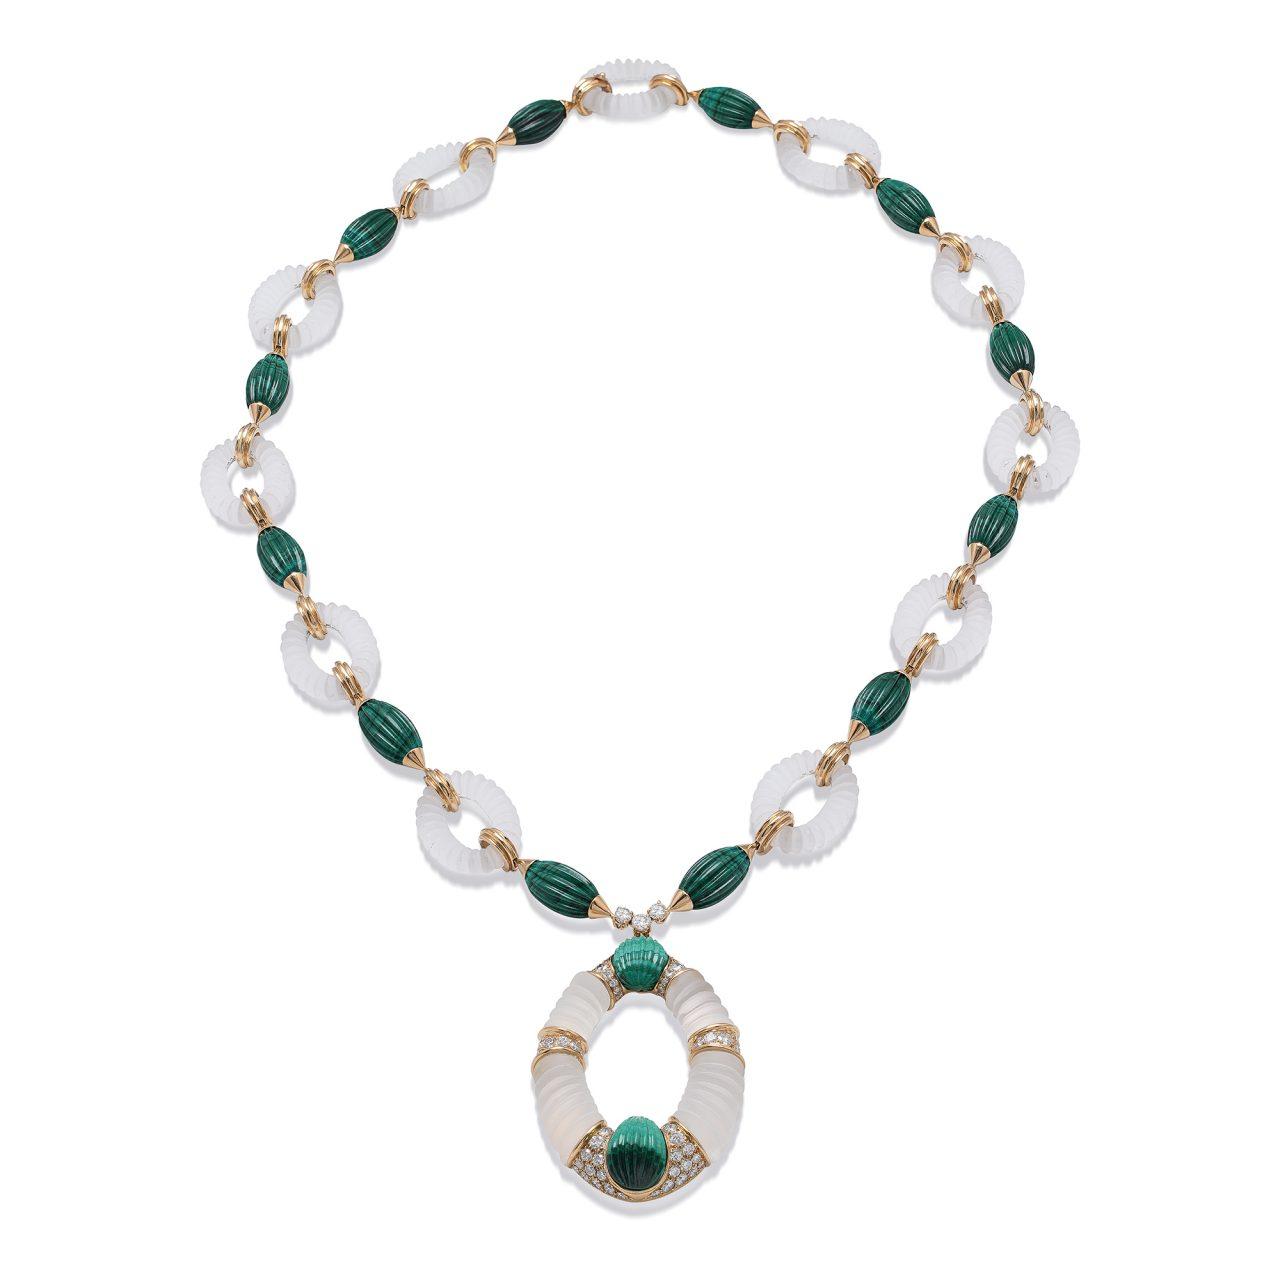 Collana di FRED in parure in Oro Giallo con Cristallo di Rocca, Malachite e Diamanti